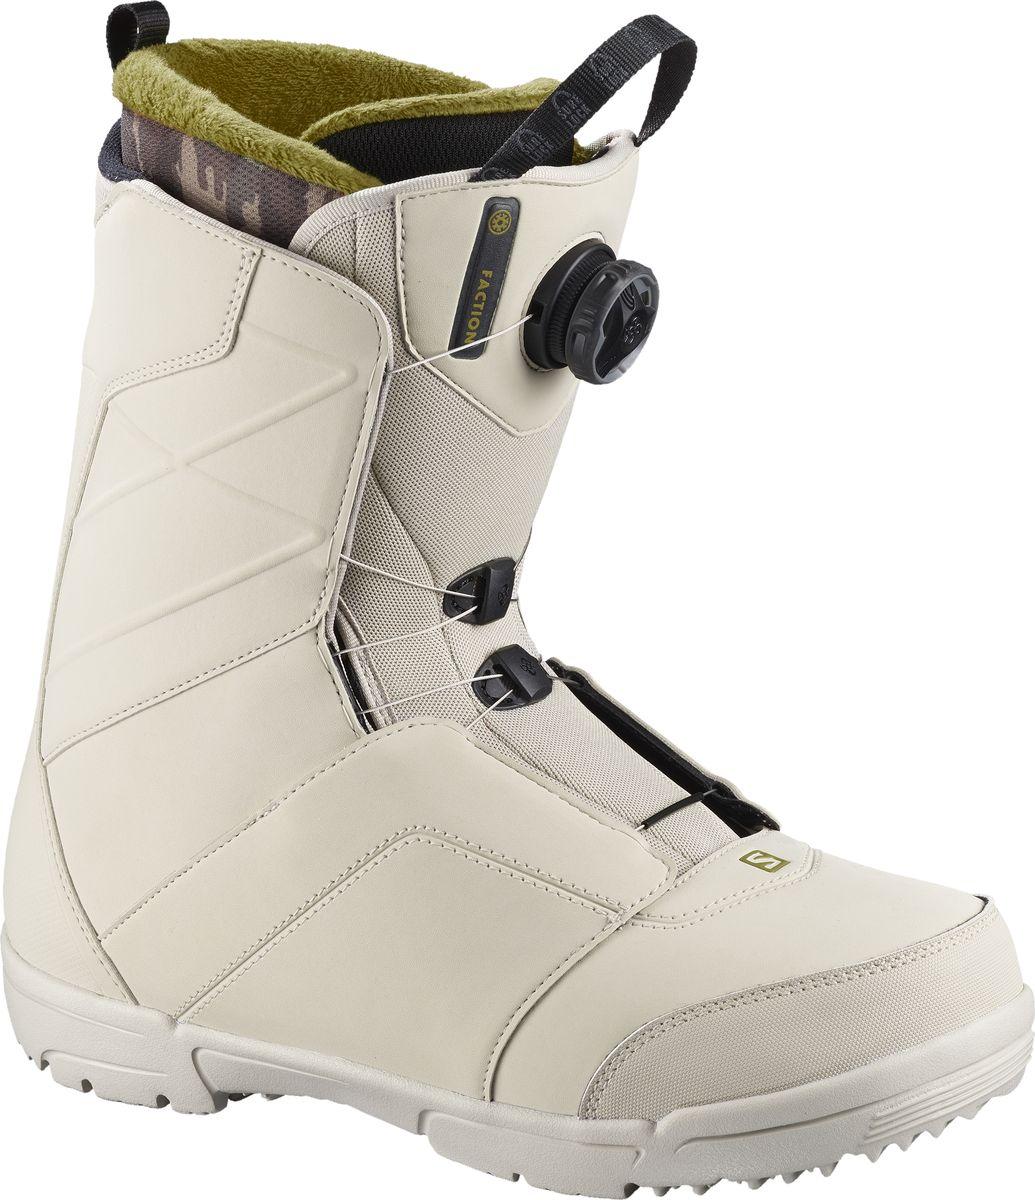 Ботинки для сноуборда мужские Salomon Faction Boa, цвет: светло-бежевый. Размер 46